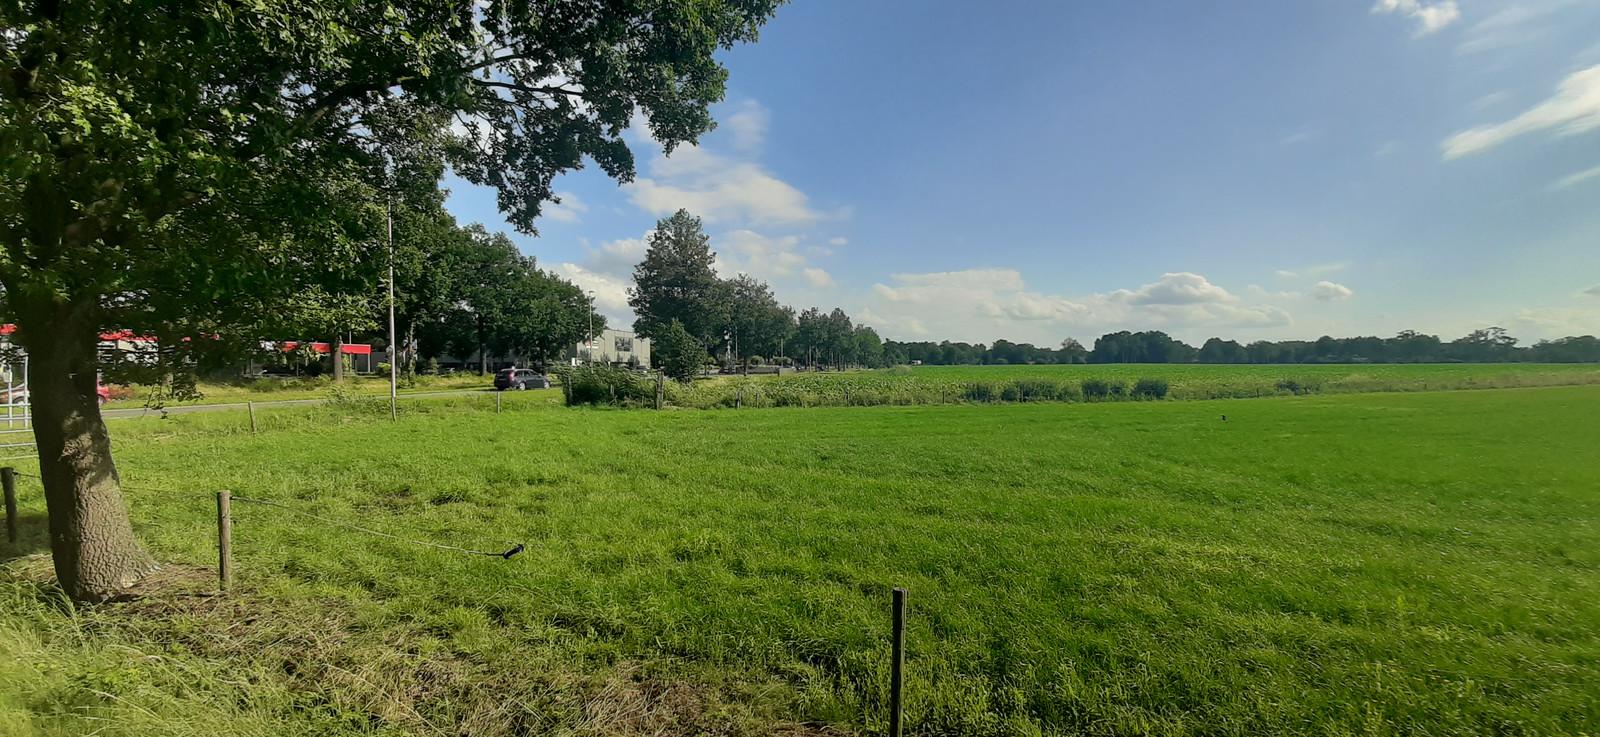 Het Tuunterveld bij Winterswijk, gezien vanaf de Mentinkweg. Links de rand van het dorp en de Rondweg-West, rechts het beoogde bedrijventerrein.